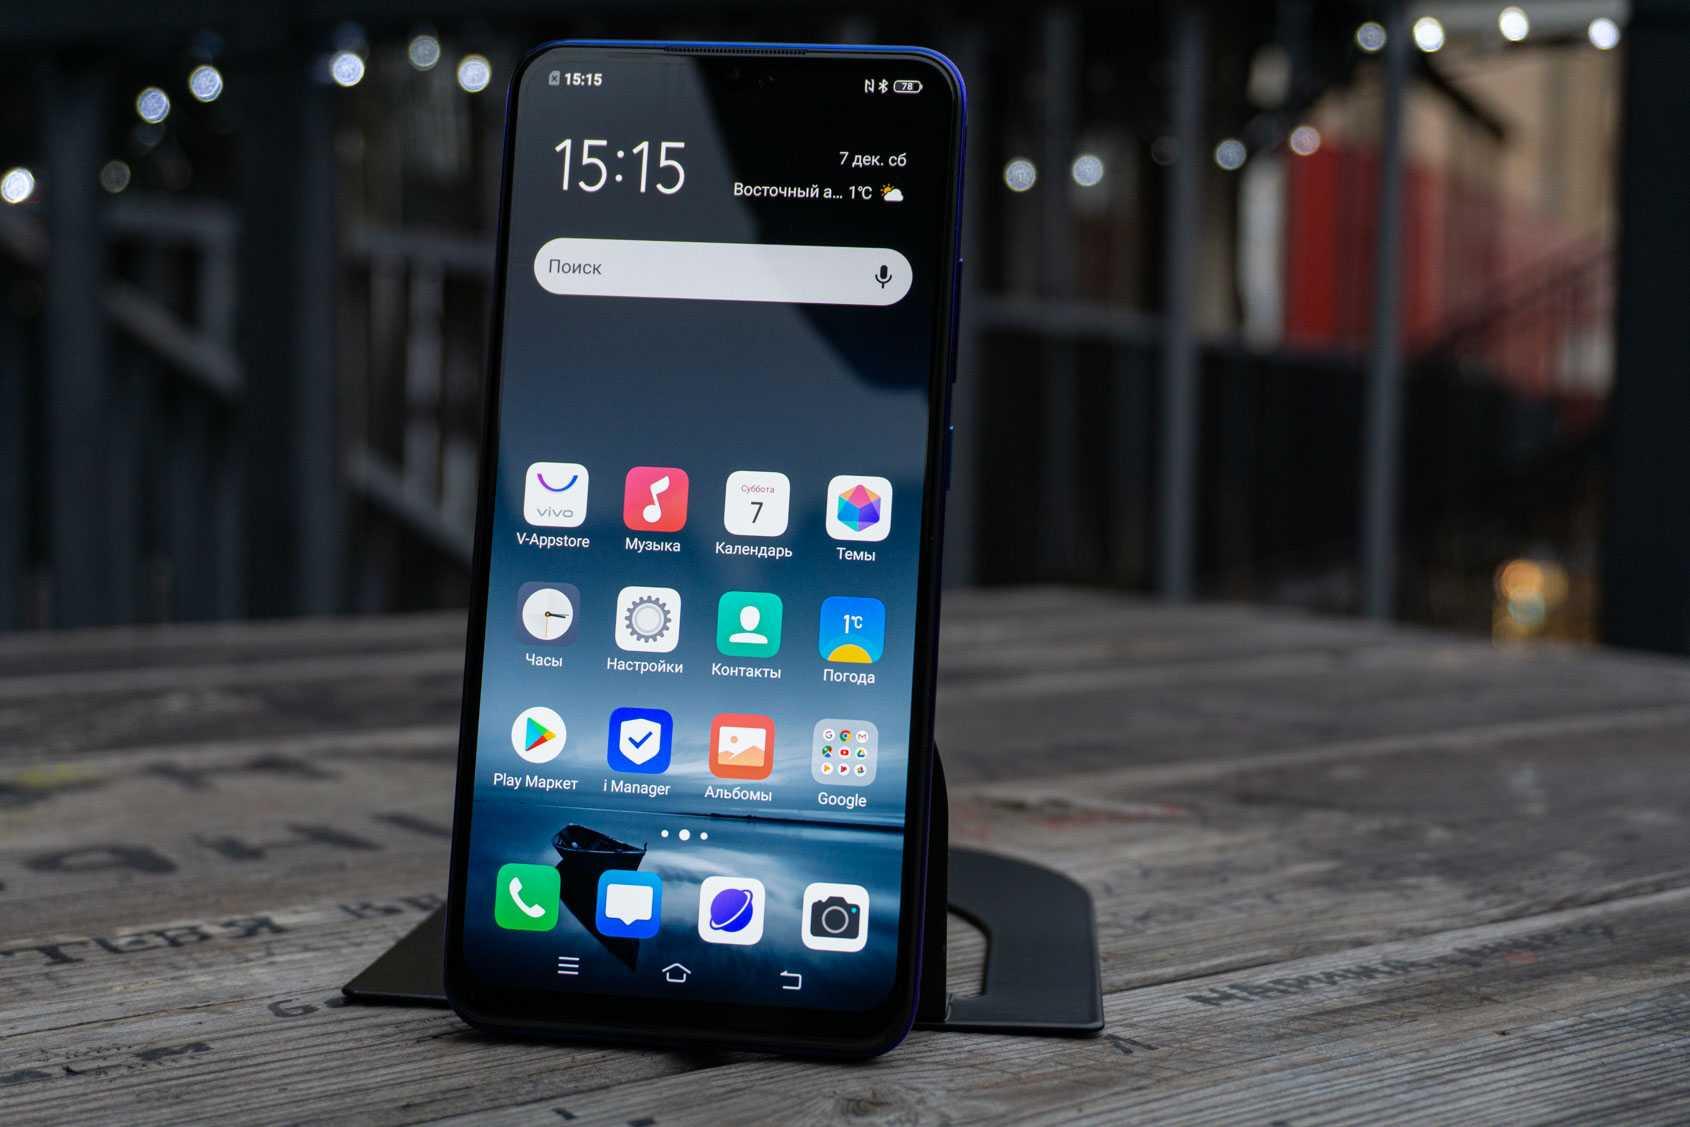 Тест и обзор смартфона vivo y17: высокая автономность, большой экран и nfc | smart reality